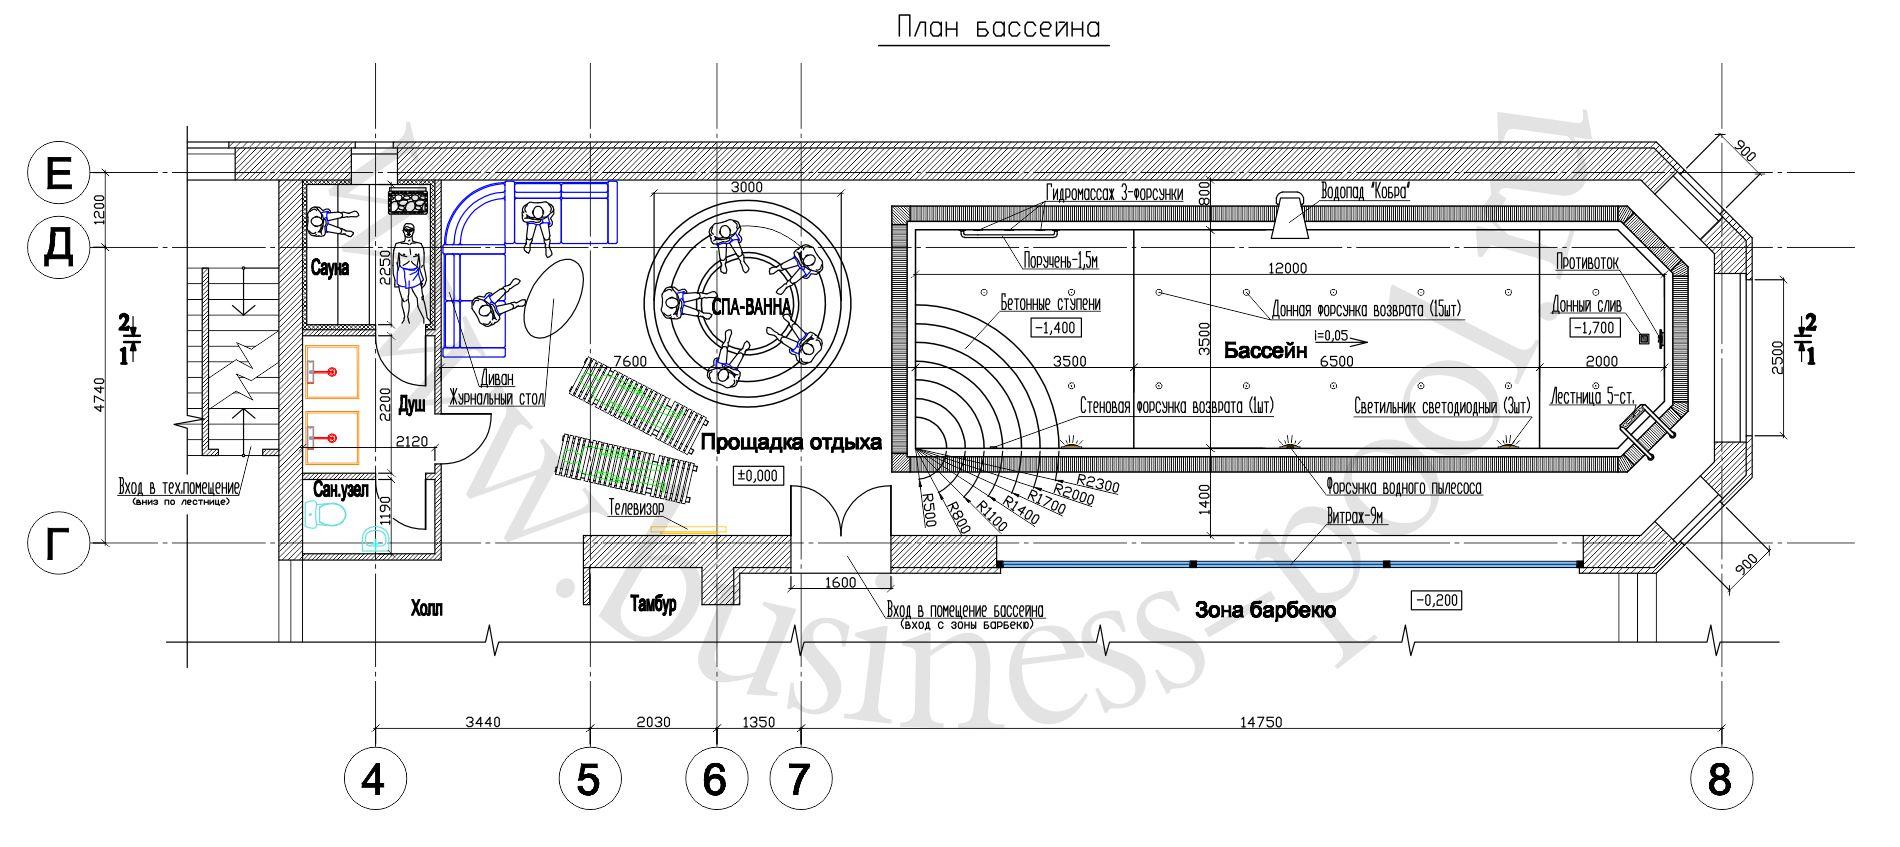 Планировка проекта тз-0016-п